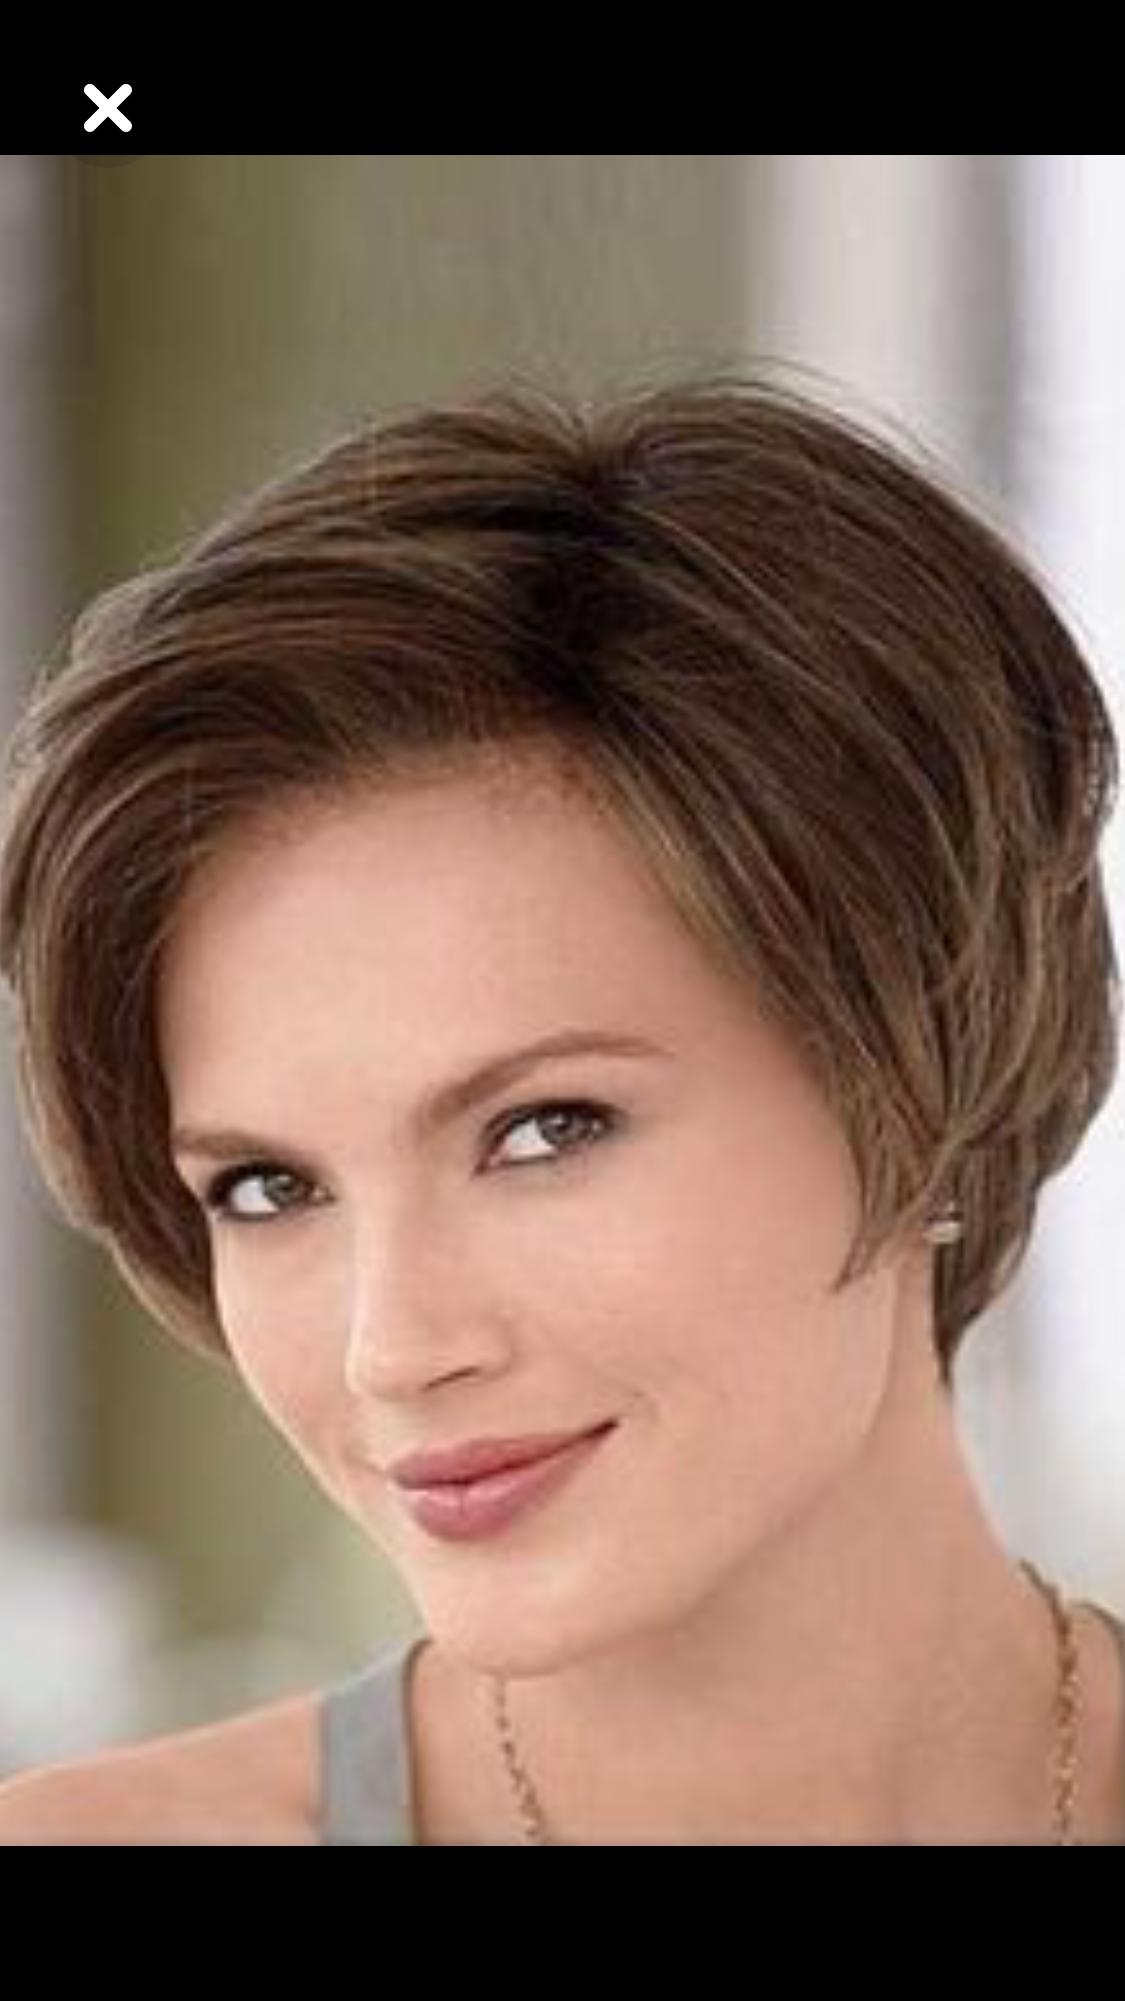 My Choice Of Style Hair Styles In 2019 Short Hair Styles Hair